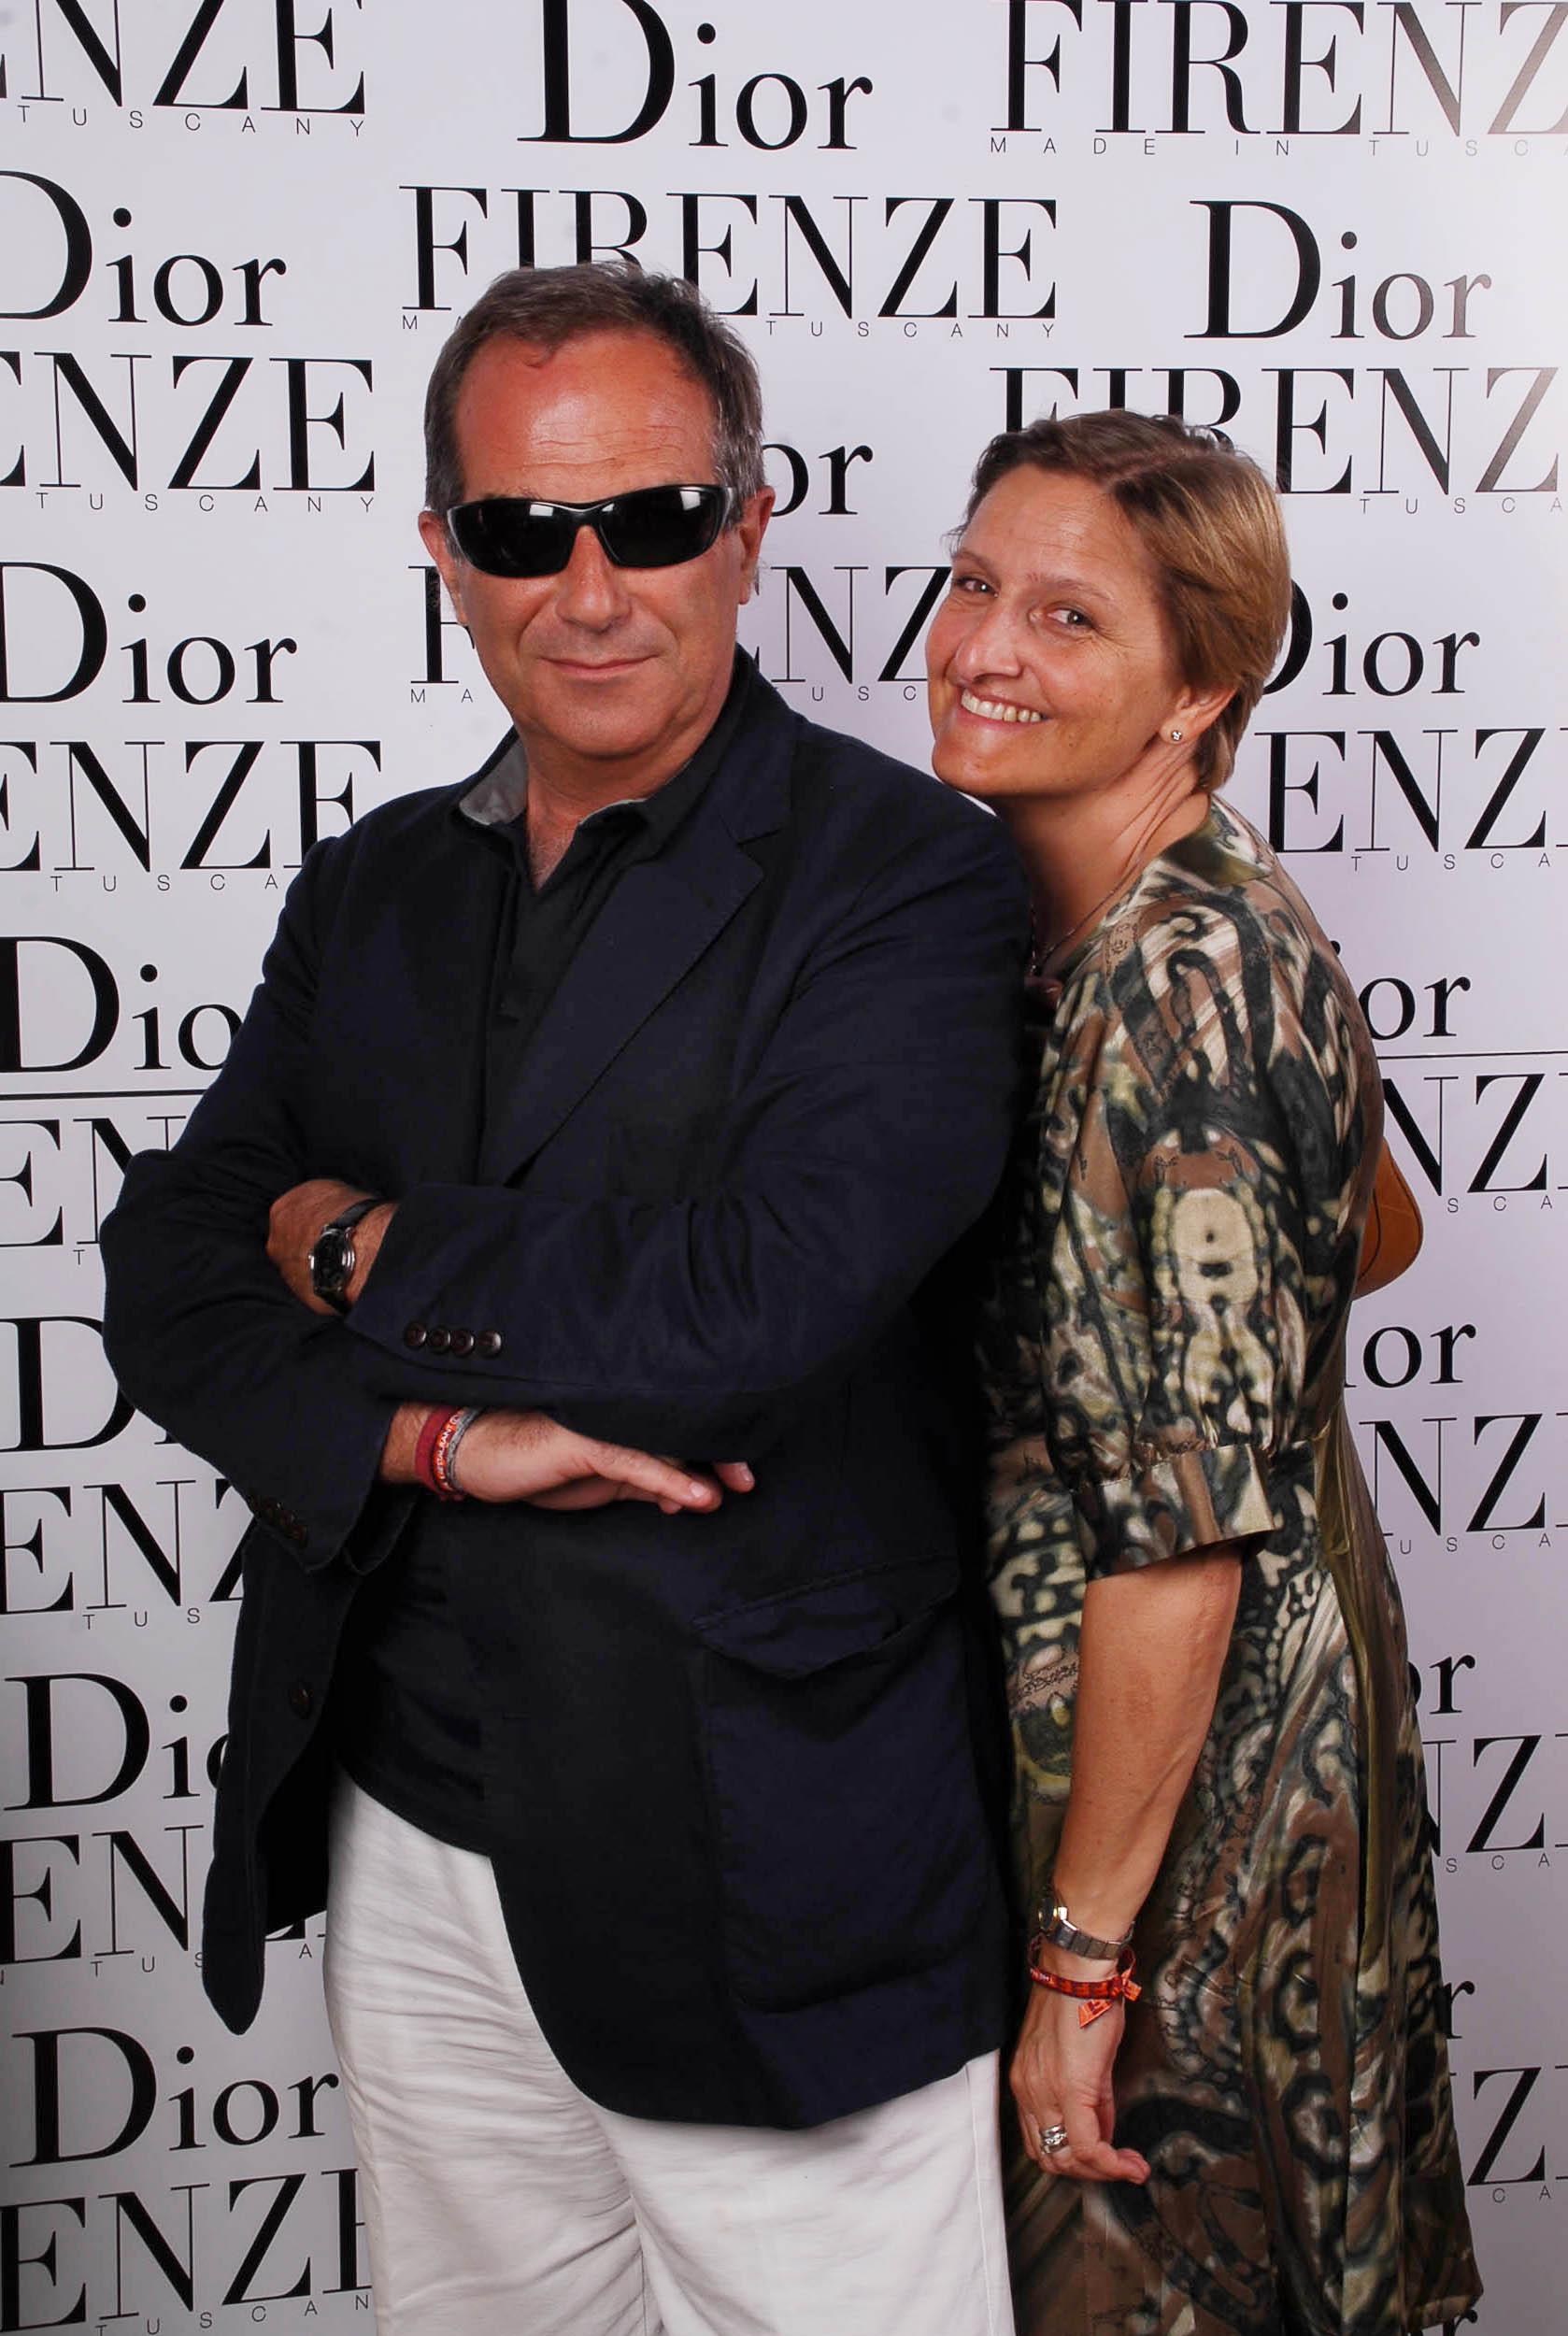 PRESSPHOTO  Firenze, evento Dior al teatro romano di Fiesole. Nella foto Alessandro e Silvia Grassi